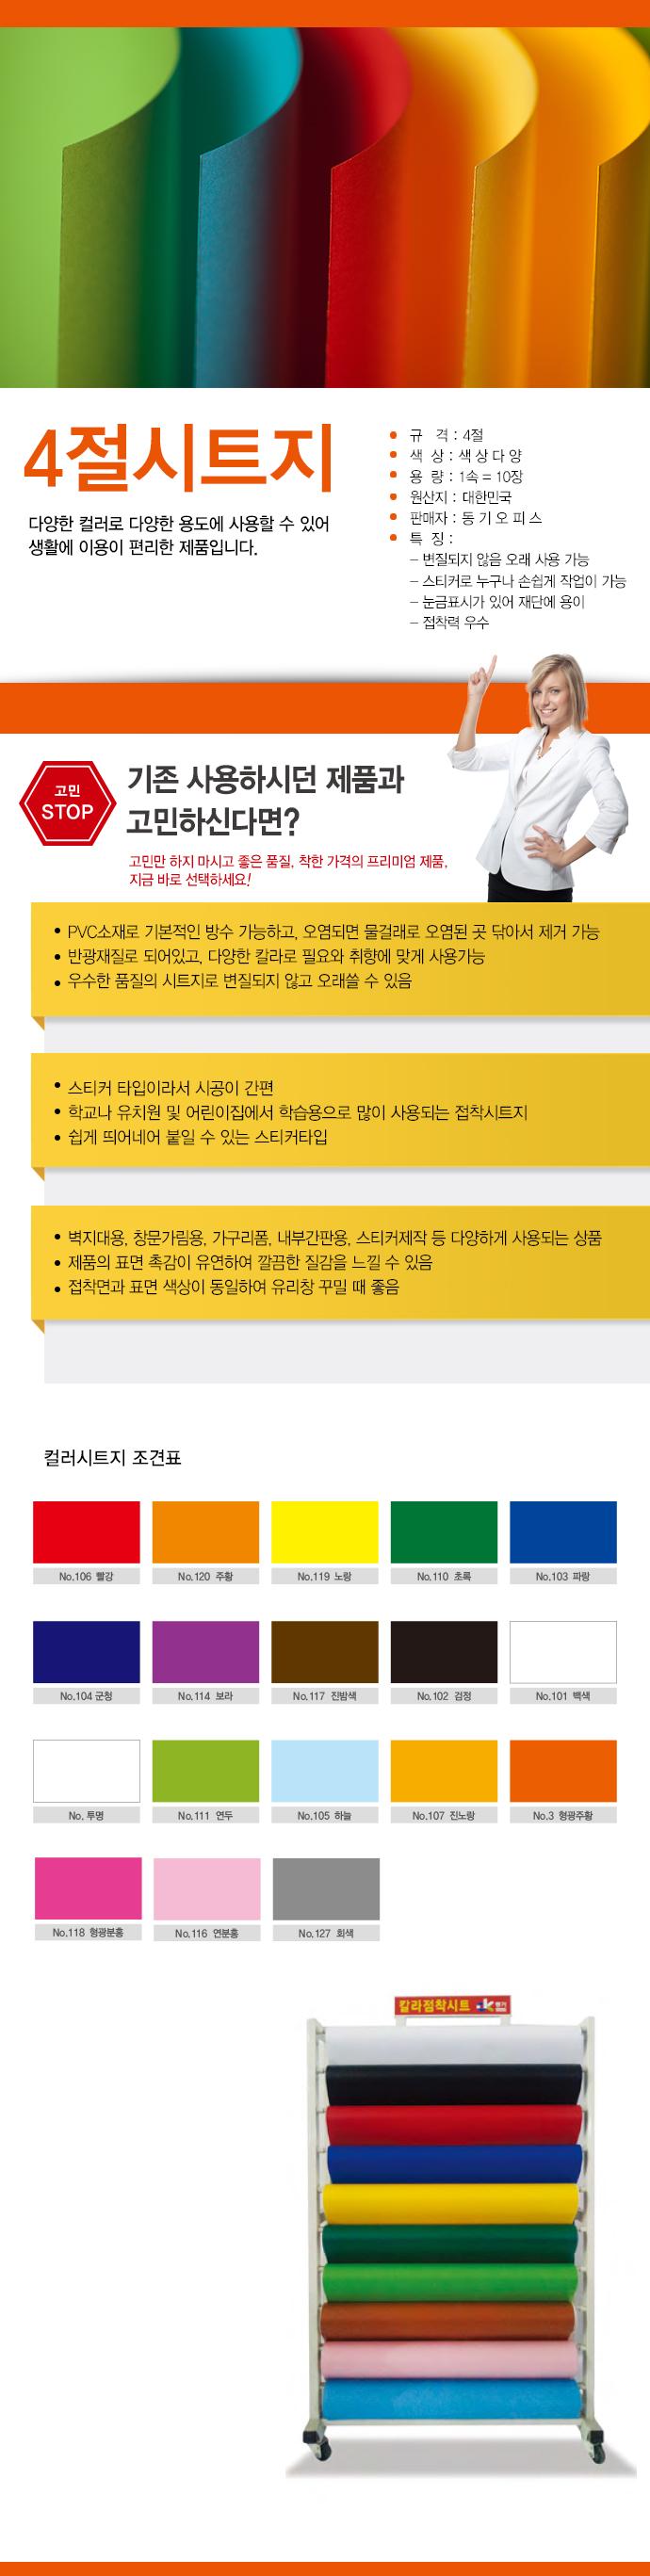 4절 시트지 - 동기오피스, 560원, 스티커, 리폼/DIY스티커